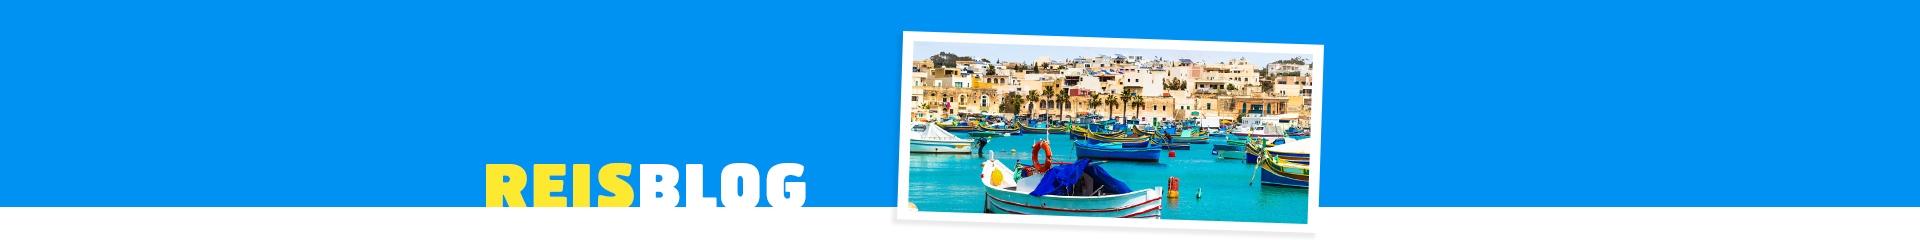 Mooi historisch dorpje aan de blauwe zee